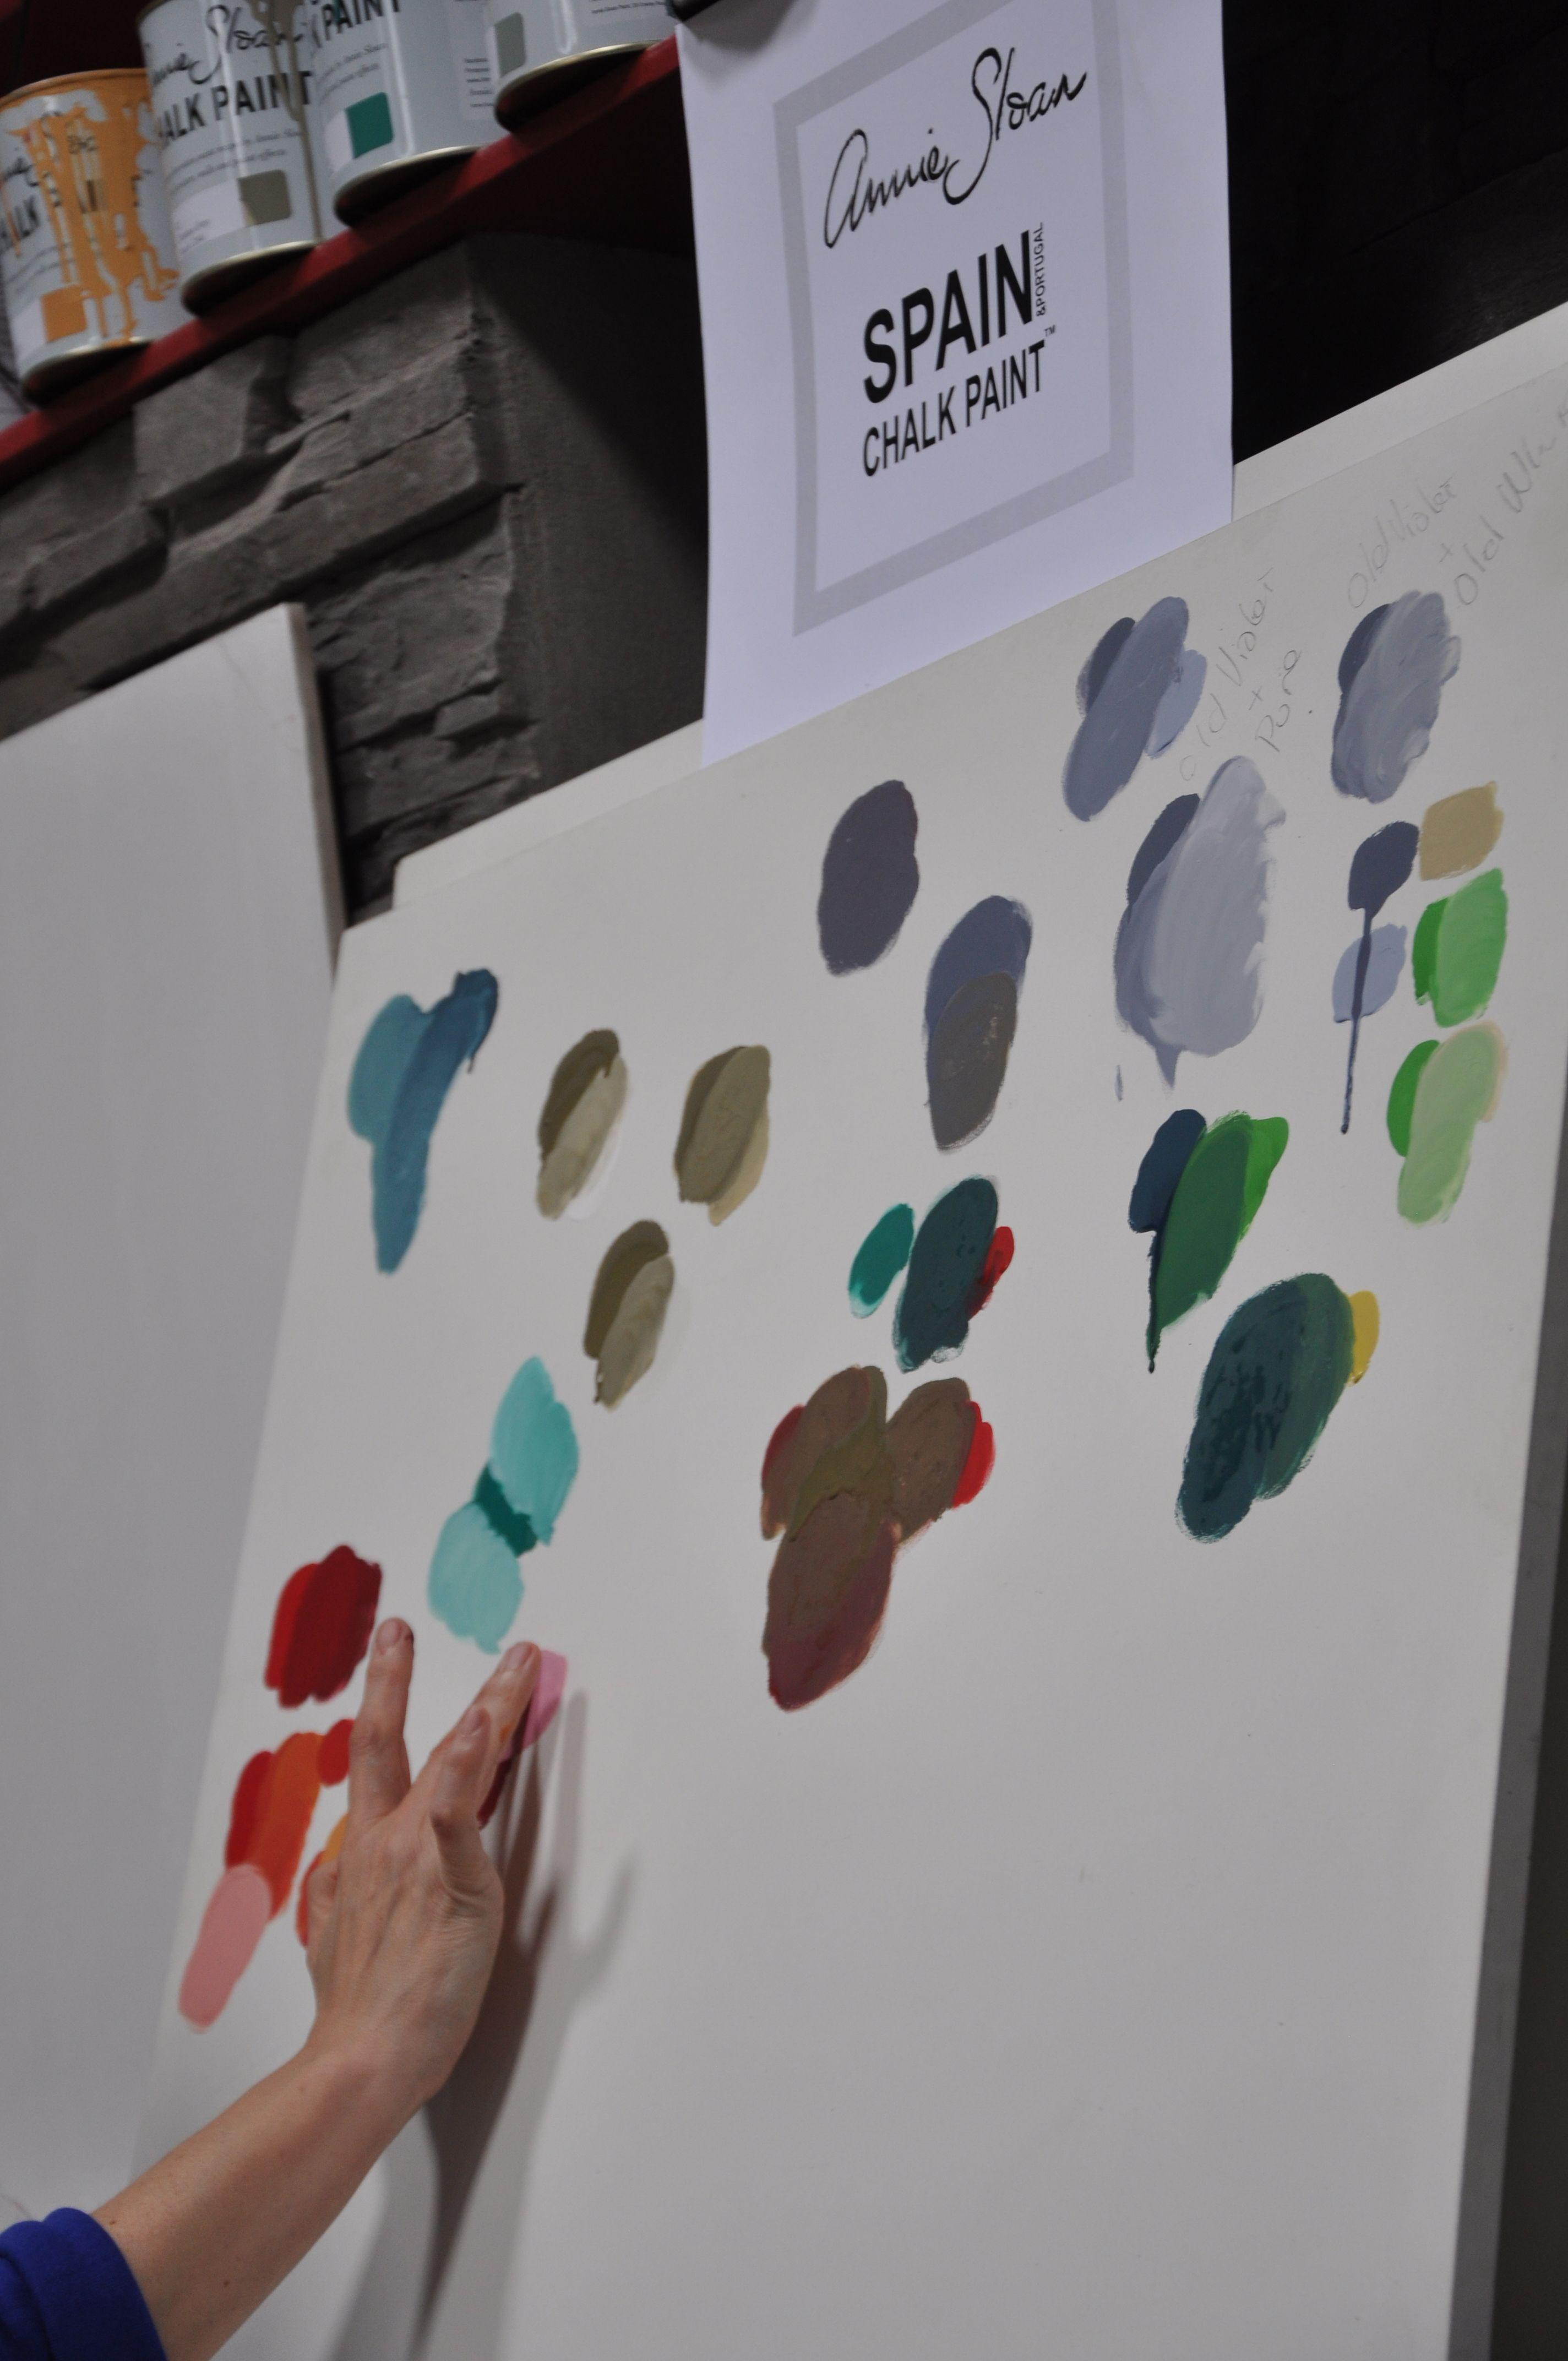 Maria Carreró Ruiz Distribuidora De Annie Sloan En España Jugando Con La Carta De Colores Annie Sloan En El I Encuentro De Punt Chalk Paint Annie Sloan Chalk